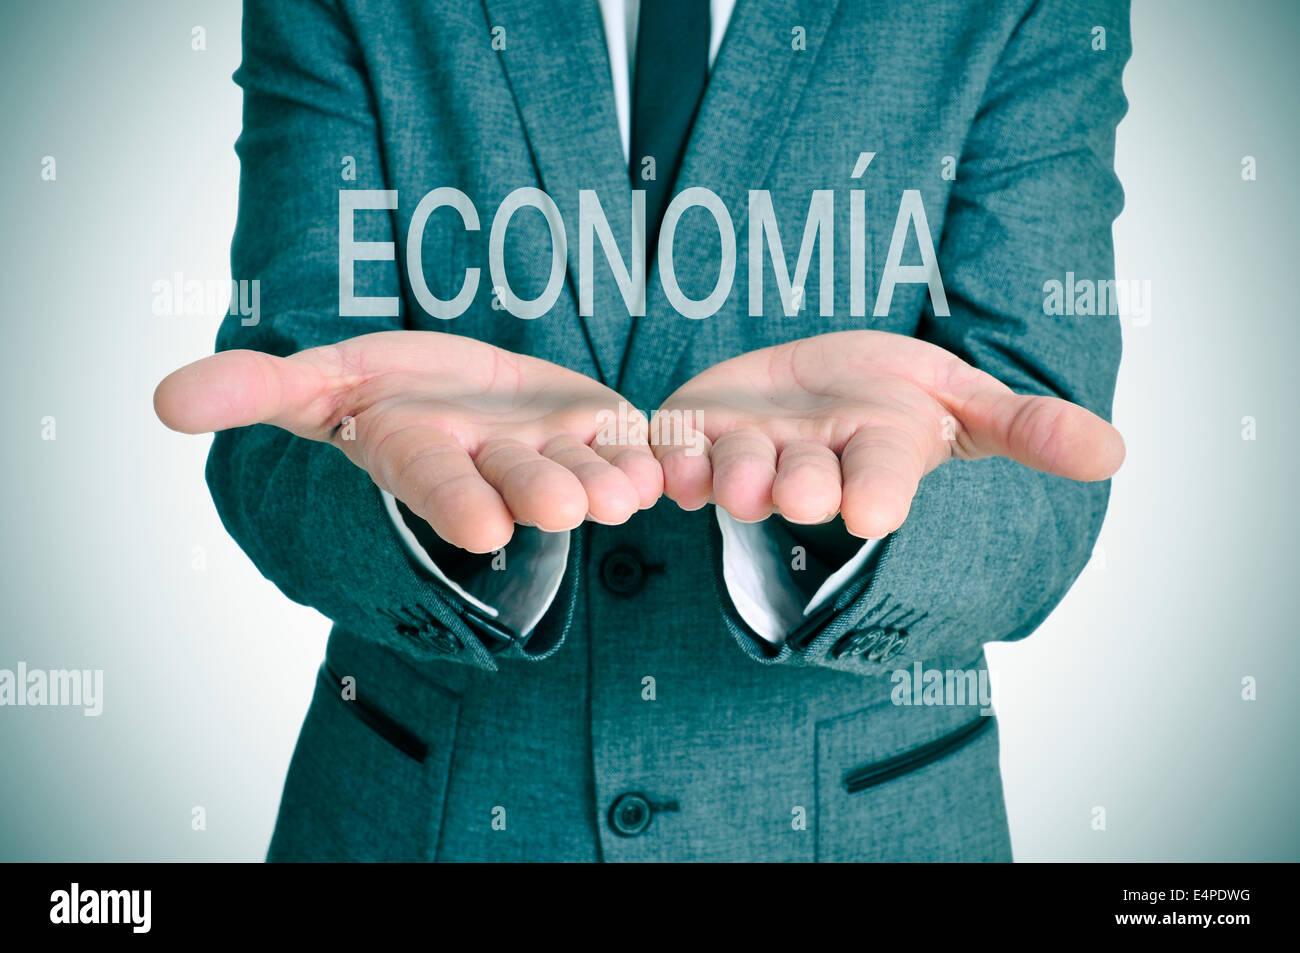 Un homme avec la parole de l'économie, de l'économie en espagnol, dans ses mains Photo Stock